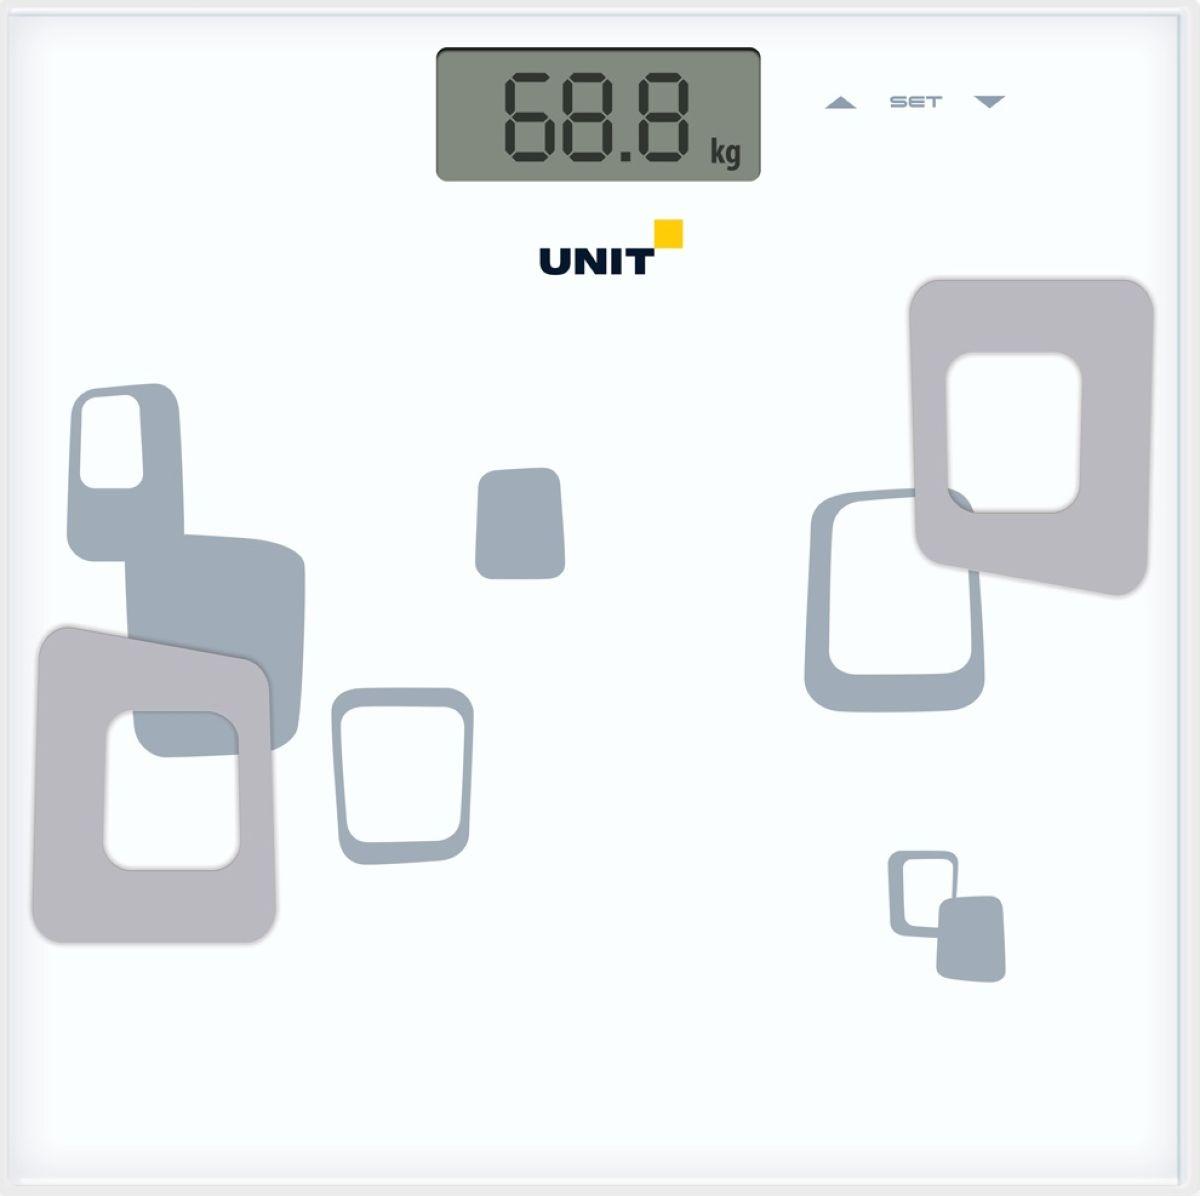 Unit UBS-2220, White напольные весы511219Напольные электронные весы Unit UBS-2220 - неотъемлемый атрибут здорового образа жизни. Они необходимы тем, кто следит за своим здоровьем, весом, ведет активный образ жизни, занимается спортом и фитнесом. Очень удобны для будущих мам, постоянно контролирующих прибавку в весе, также рекомендуются родителям, внимательно следящим за весом своих детей.